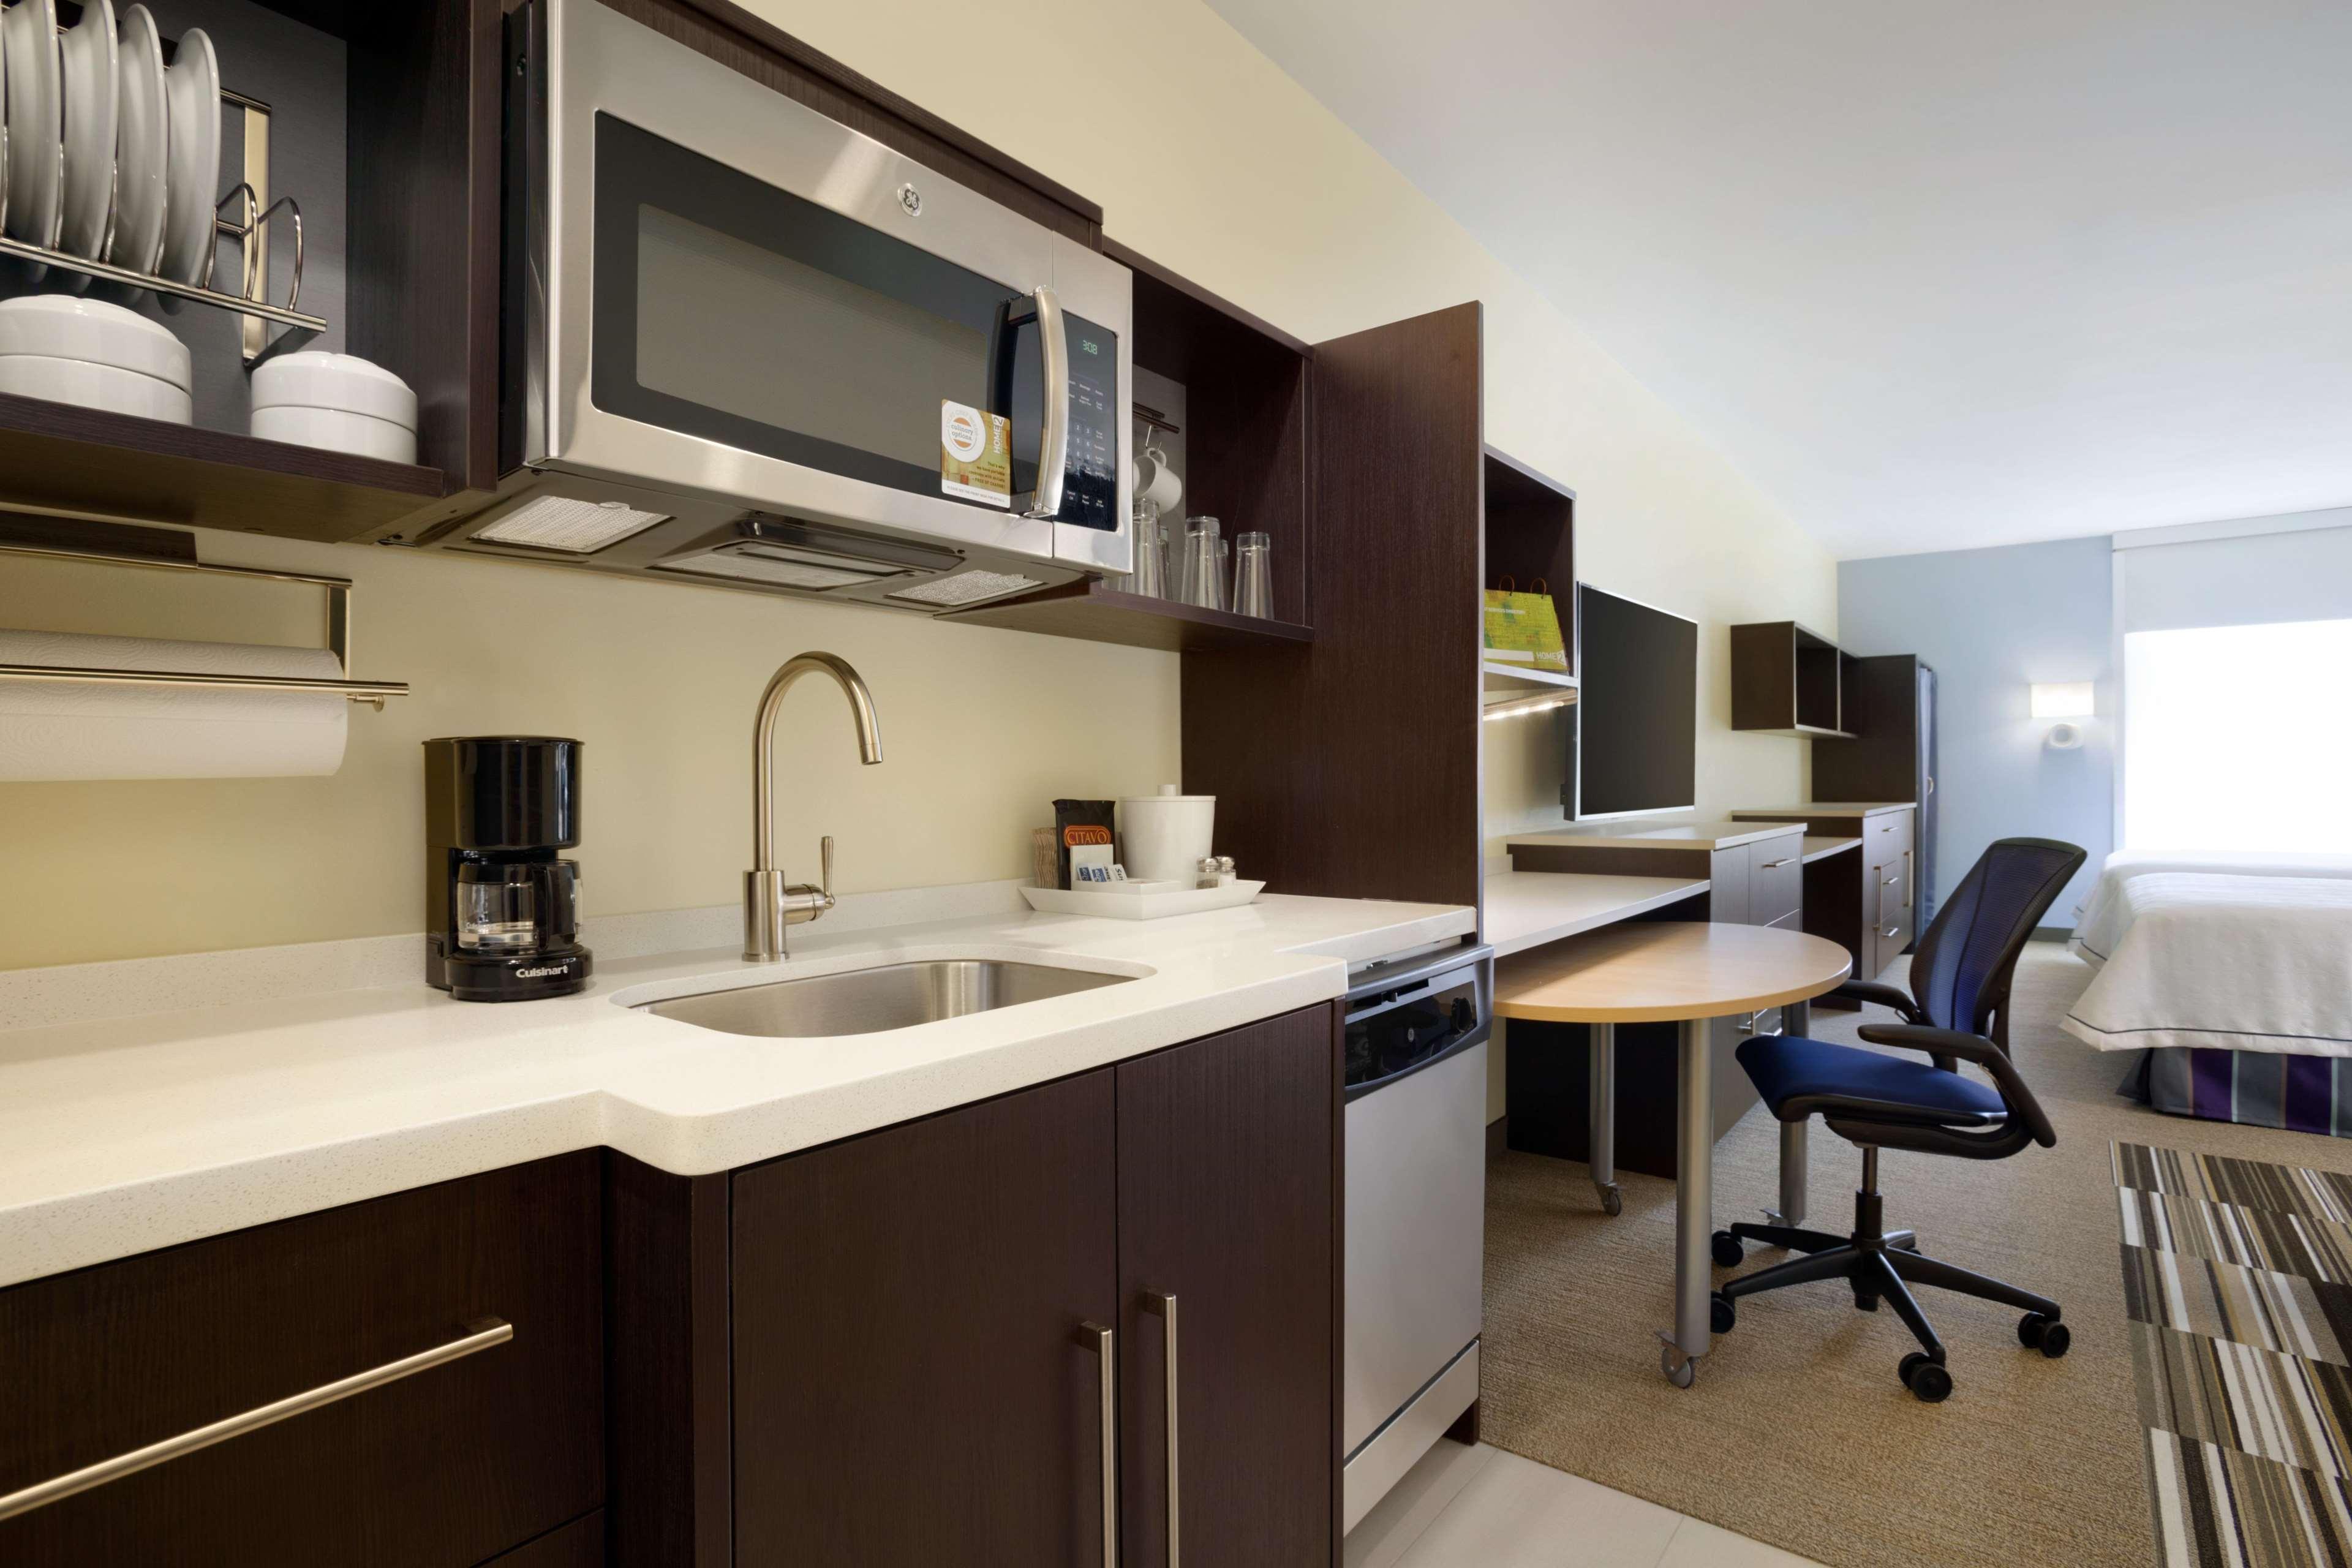 Home2 Suites by Hilton McAllen image 32